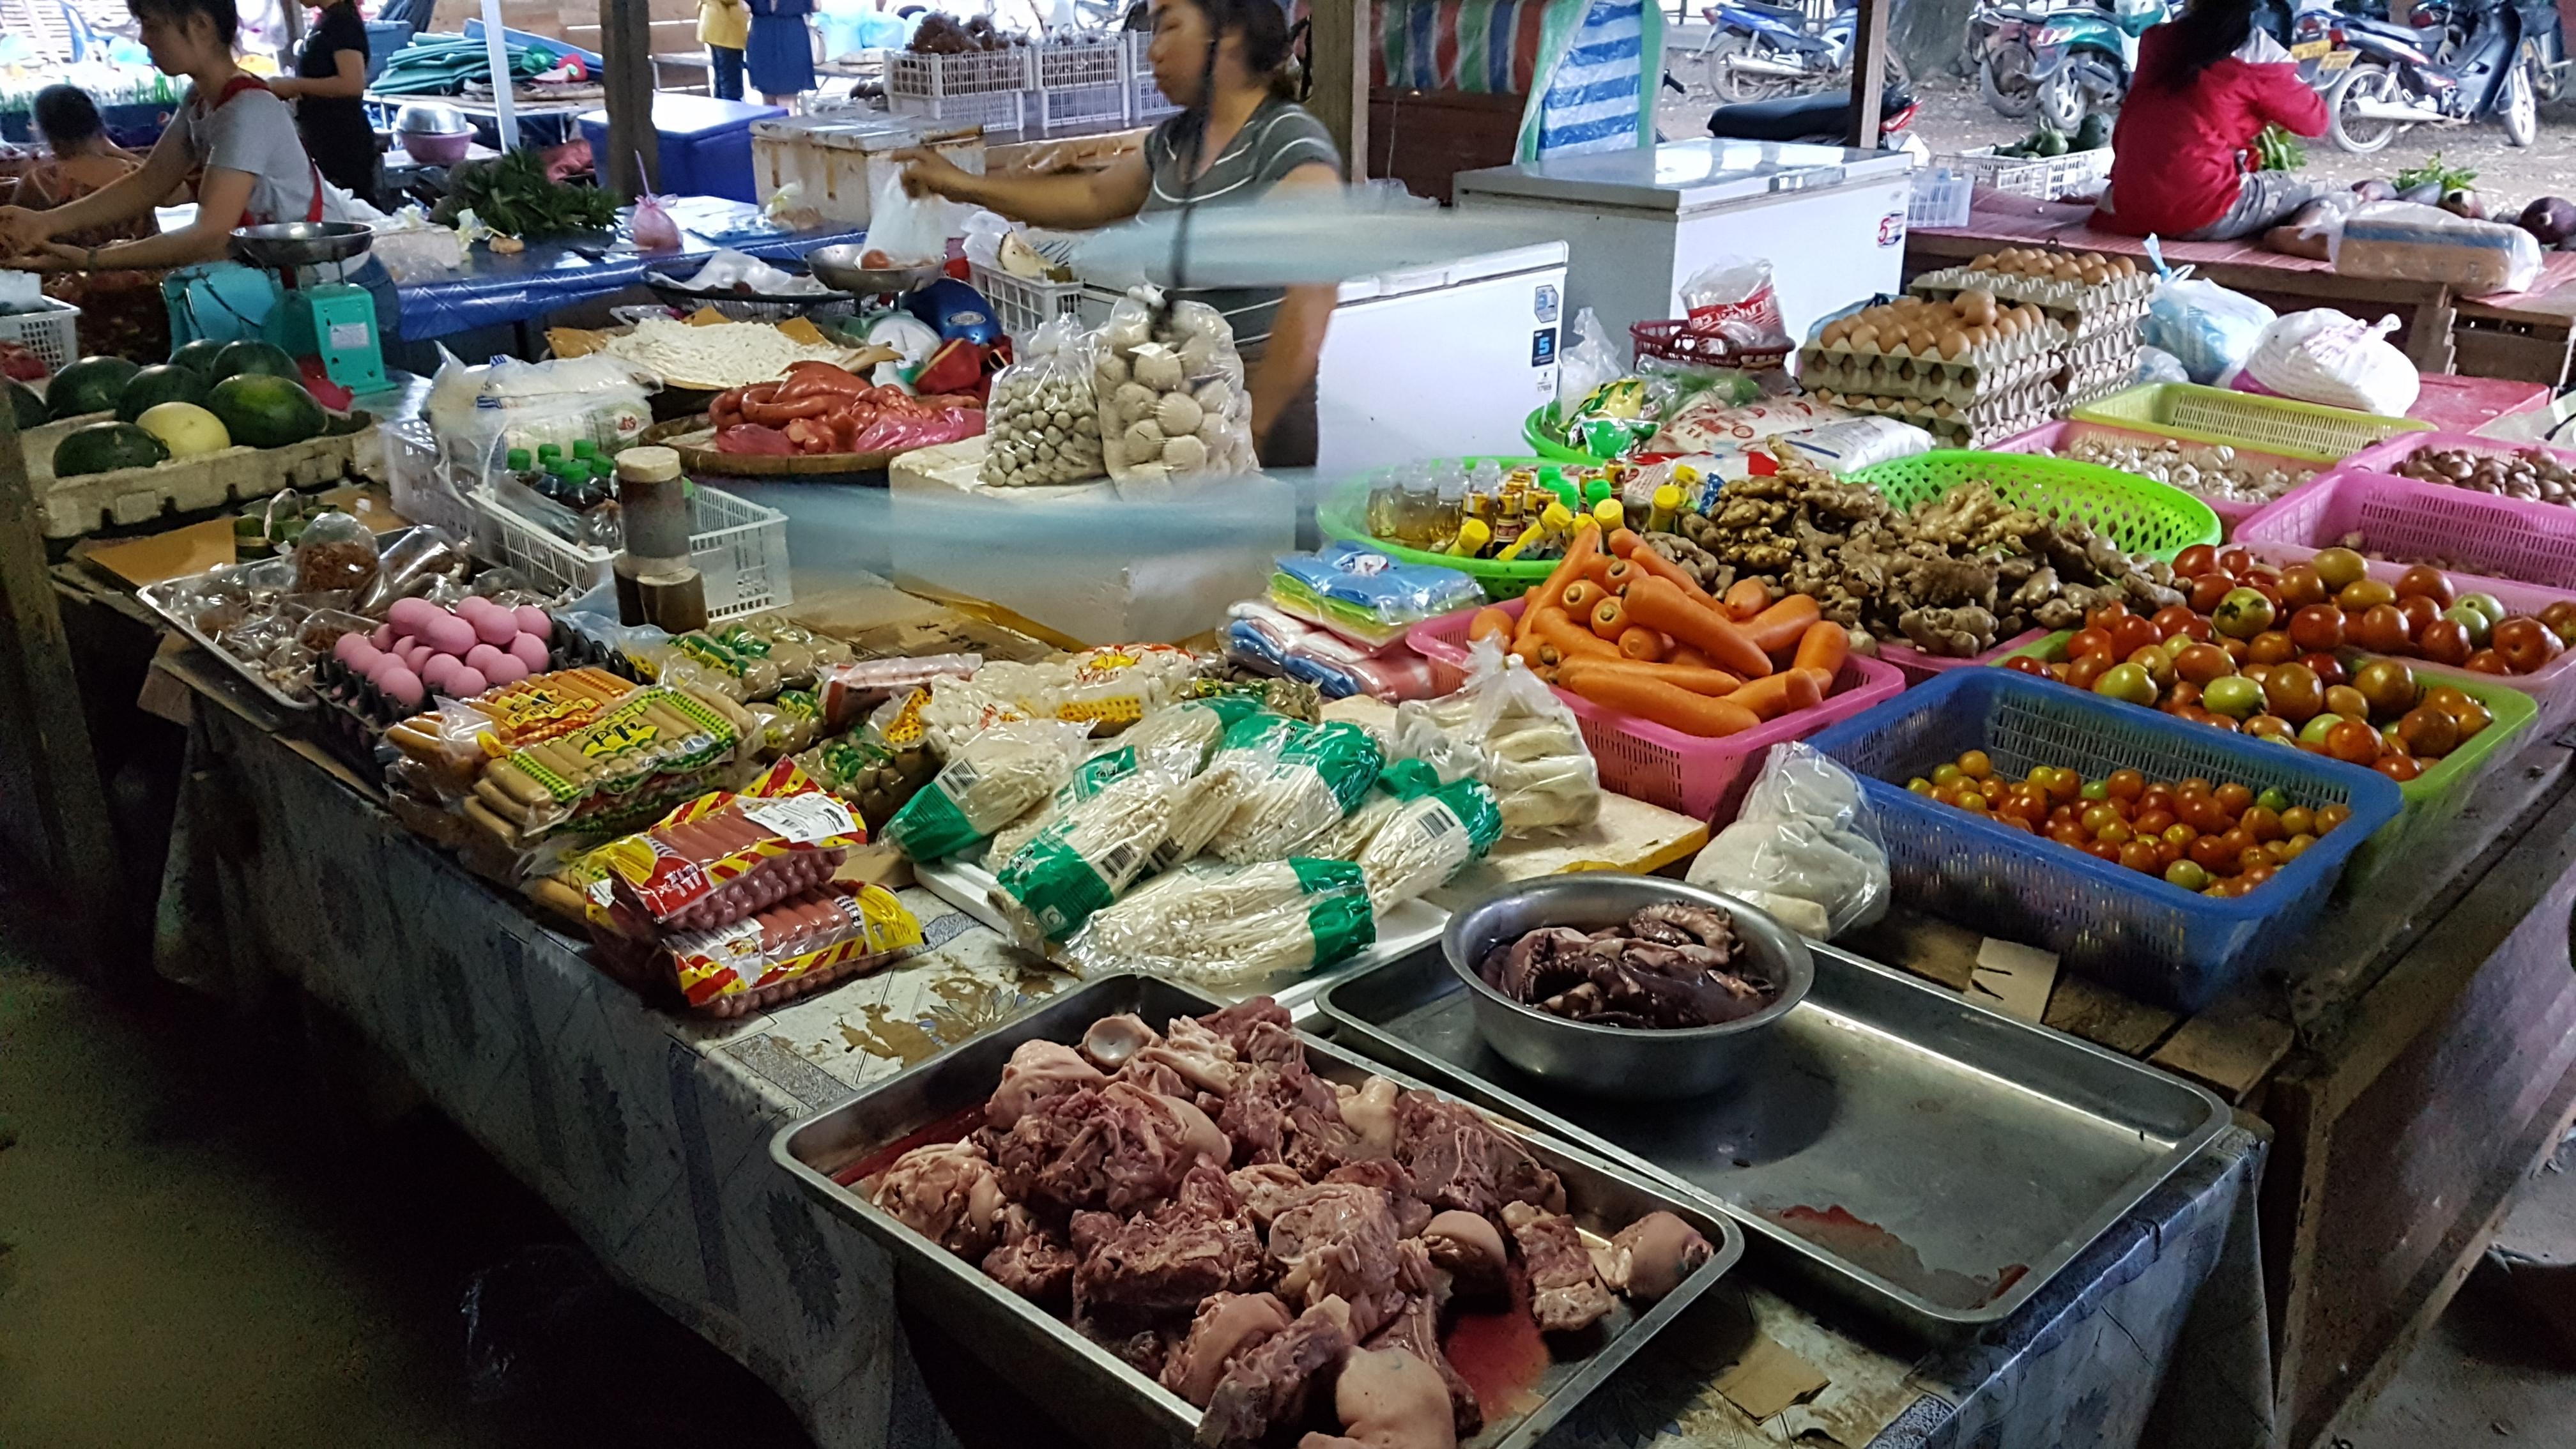 [라오스 방비엥] 이번에는 저녁시장!!!, 가격, 간식, 감자, 고구마 튀김, 고기, 고기 완자, 고소, 고추 꼬치, 과일 가게, 관광객, 규모, 꼬마, 꼬치, 노트, 뇌, 단맛, 두리안, 두부, 땡초, 라오스, 매콤, 멜론, 물엿, 반납, 방비엥, 블로그, 상인, 소세지, 소시지, 스펠링, 시간, 시내, 시장, 식감, 아침 시장, 애기 감자, 야채, 어묵, 영어, 오토바이, 위치, 의사소통, 이쑤시개, 장난, 저녁 시장, 정리, 정체, 조각, 조그만 시장, 주차료, 주차장, 차곡, 칠리, 칠리 소스, 컨셉, 튀김, 파장, 하얀색 멜론, 학교, 한국말, 호구마, 호박 고구마, 황금 고구마, 흥정